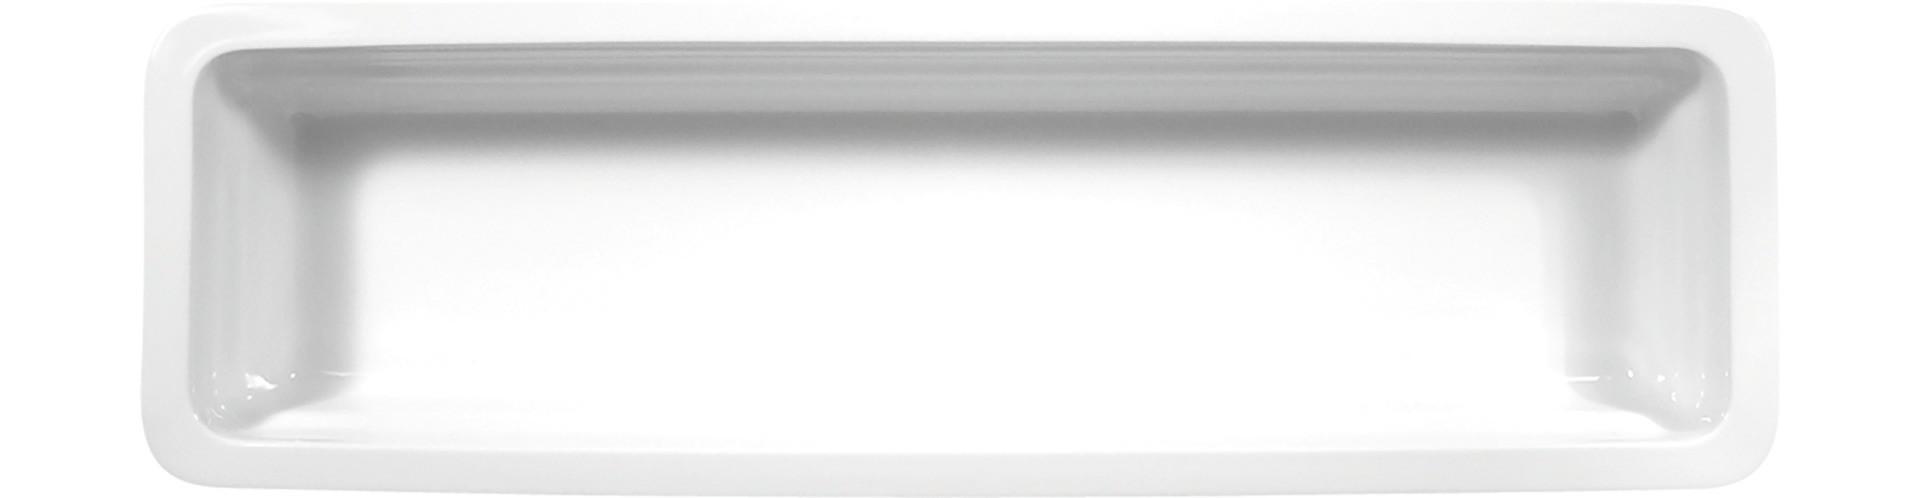 Buffet Gourmet, GN-Behälter GN 2/4 530 x 162 x 65 mm / 3,30 l